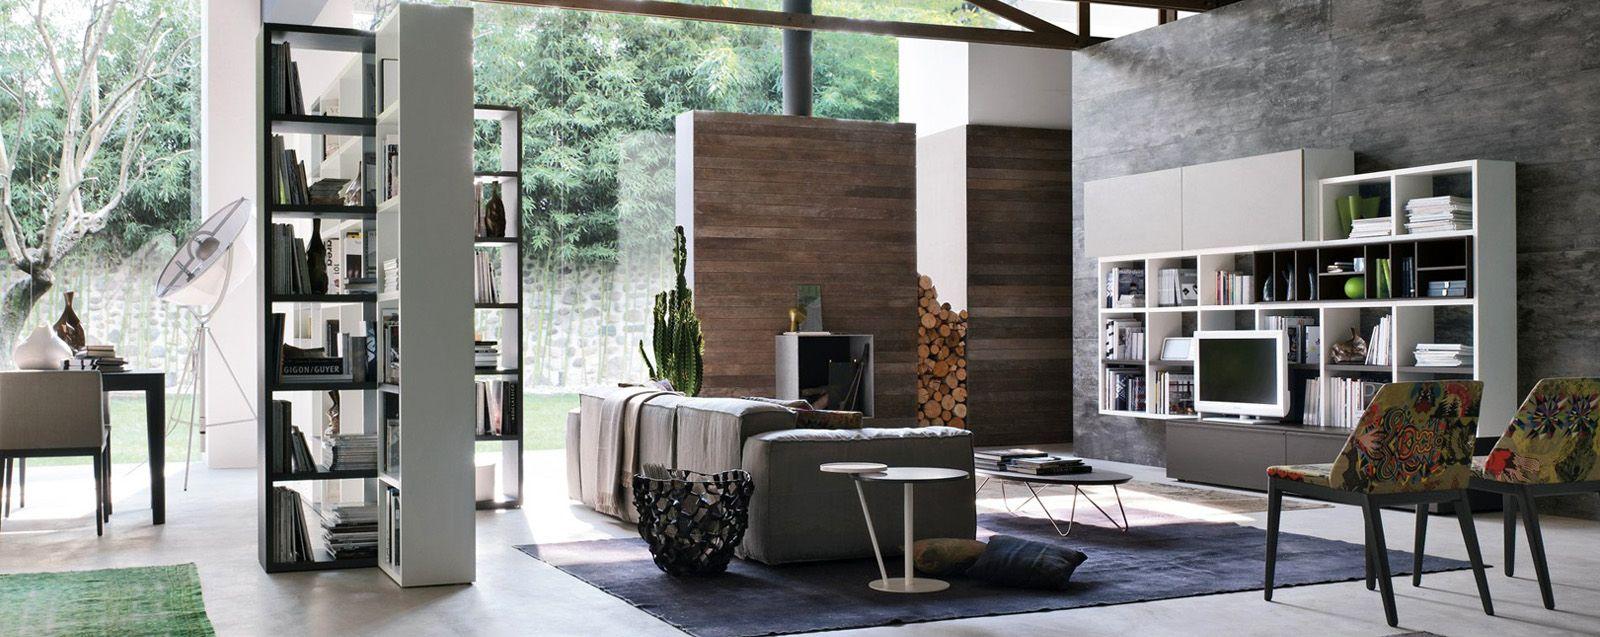 Arredamento mobili stile classico stile moderno for Casa stile classico moderno